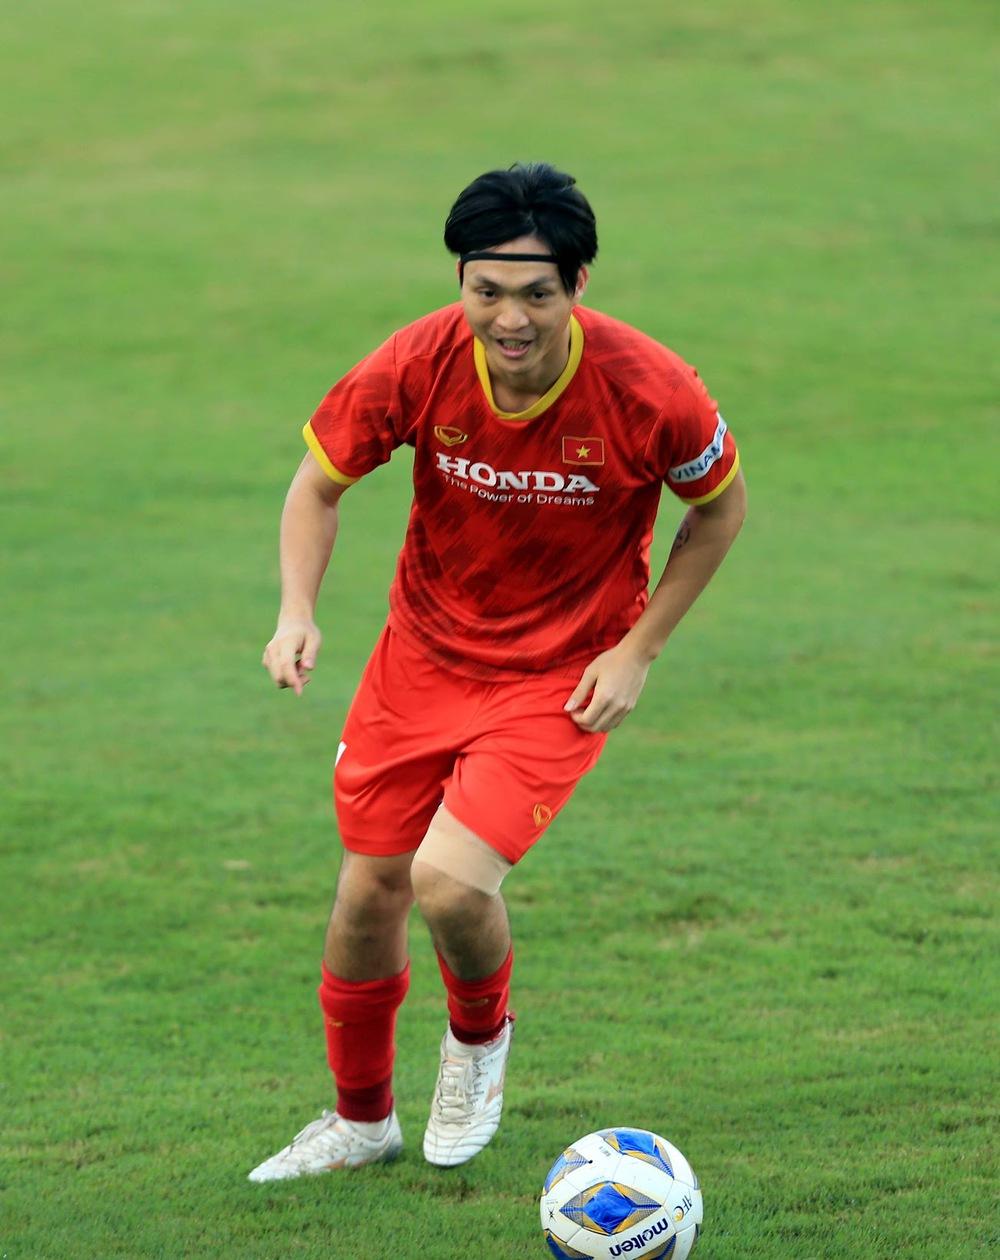 Thêm một cầu thủ U22 được bổ sung lên đội tuyển Việt Nam cho chiến dịch Vòng loại World Cup 2022 - Ảnh 13.